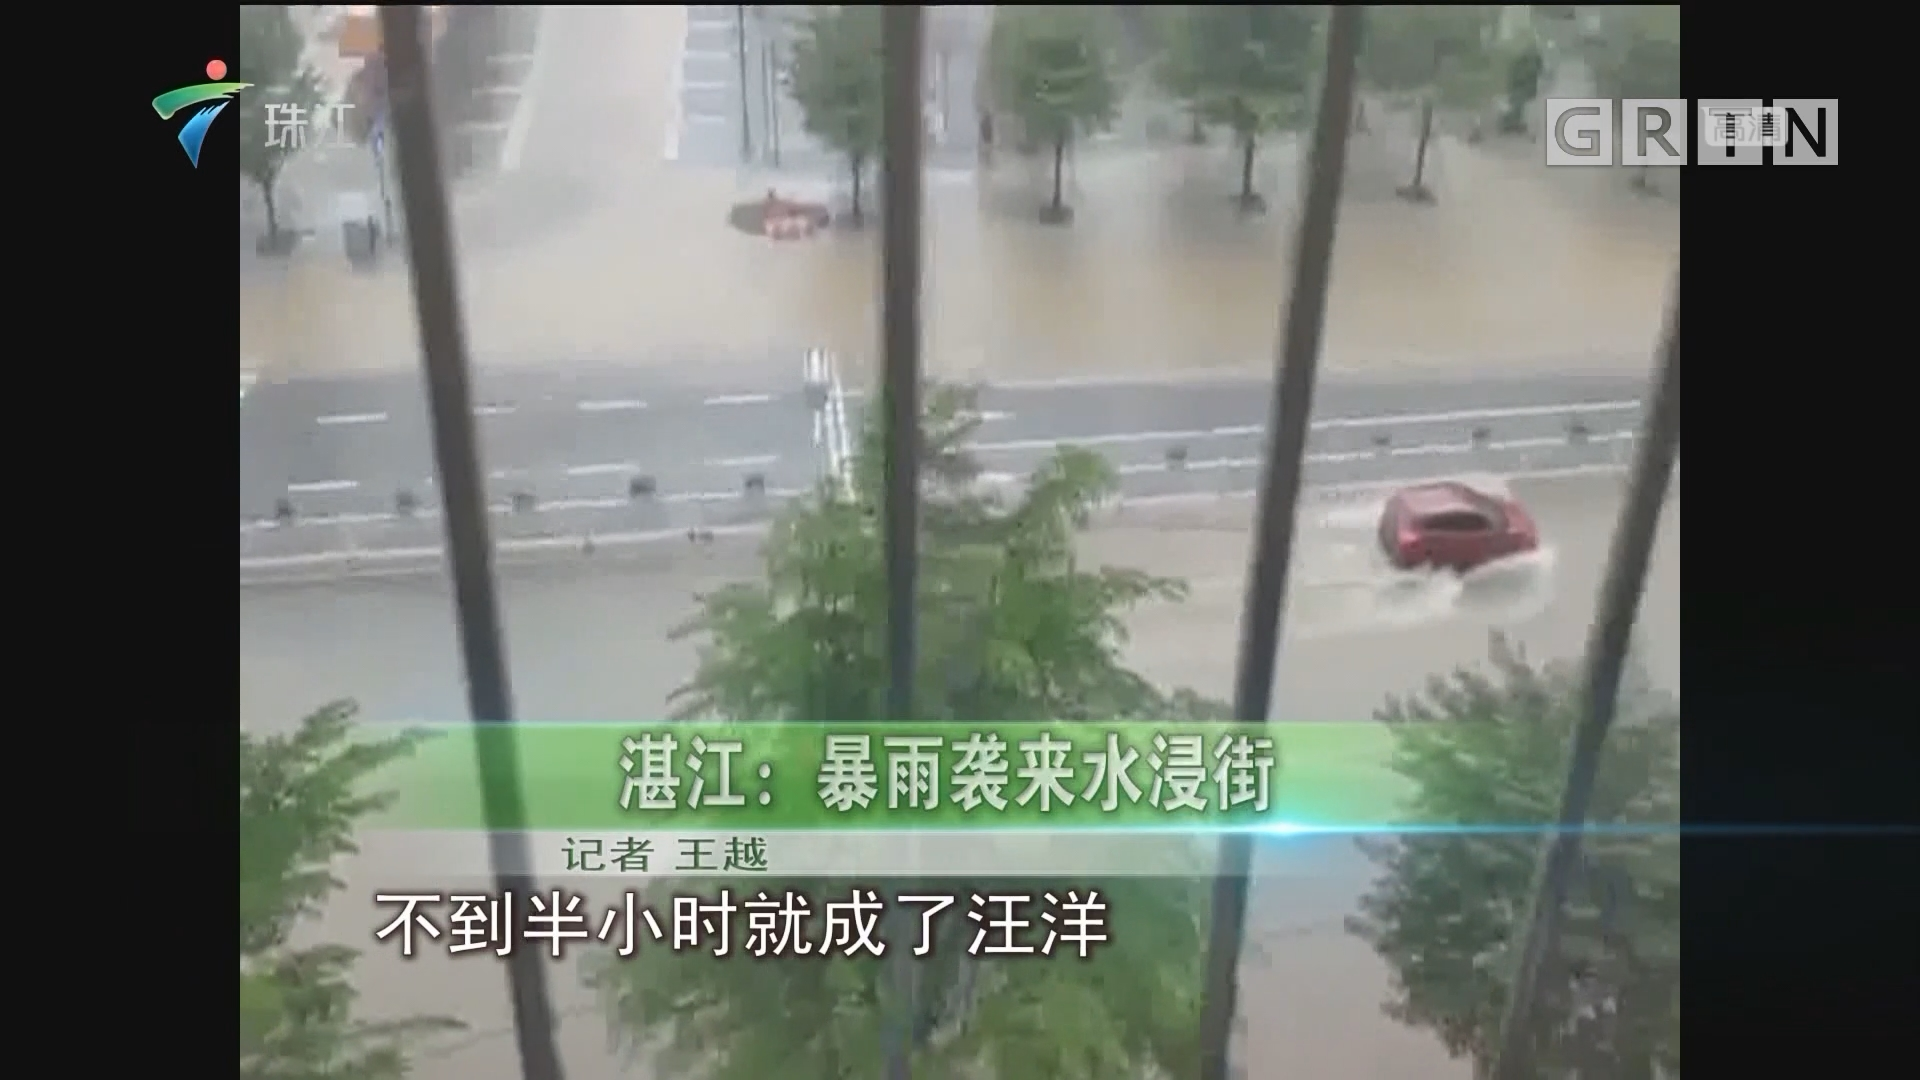 湛江:暴雨袭来水浸街